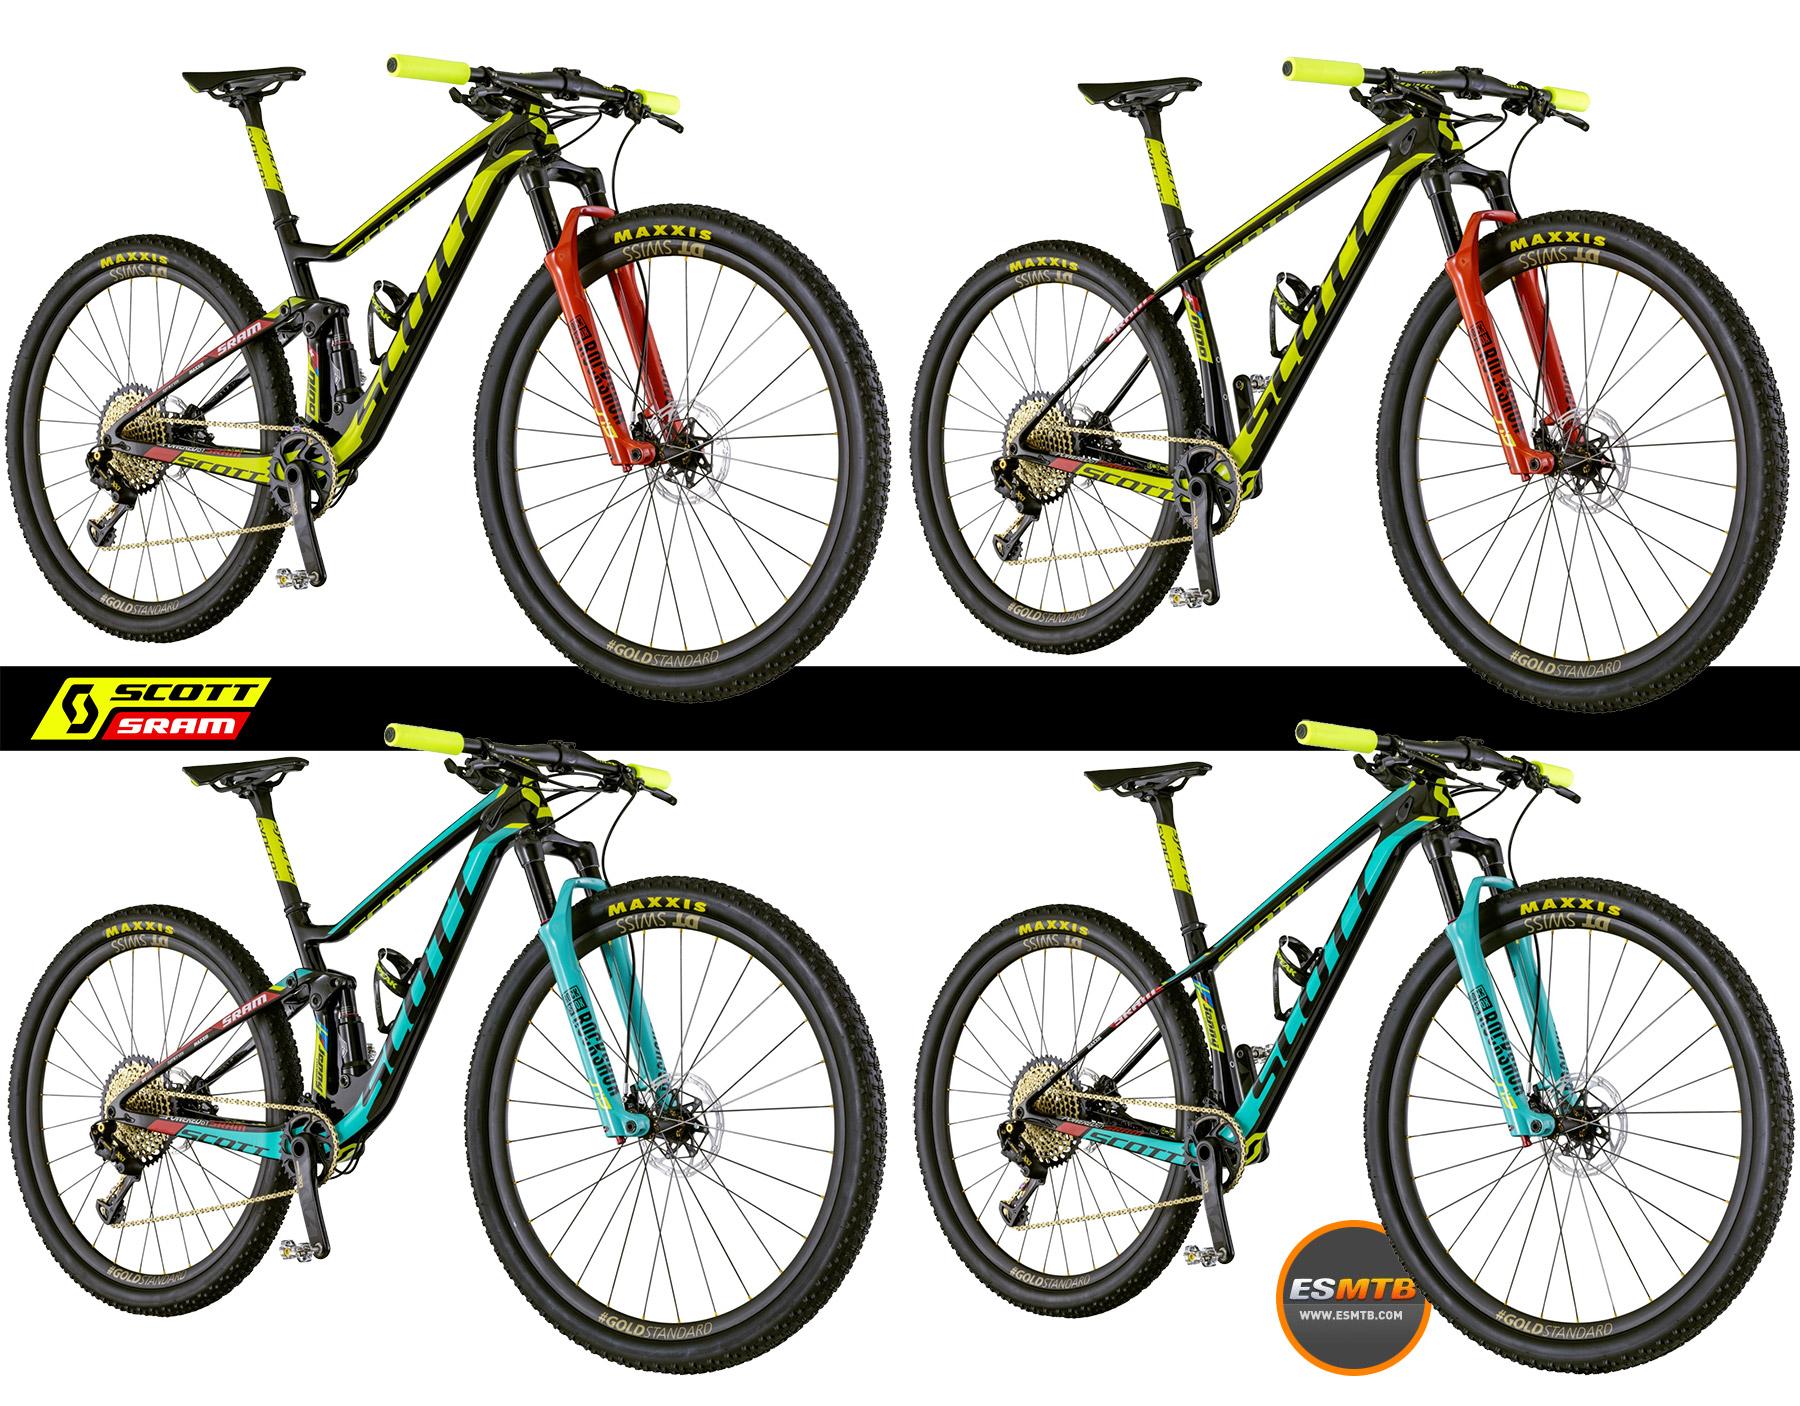 Las 4 bicis del equipo